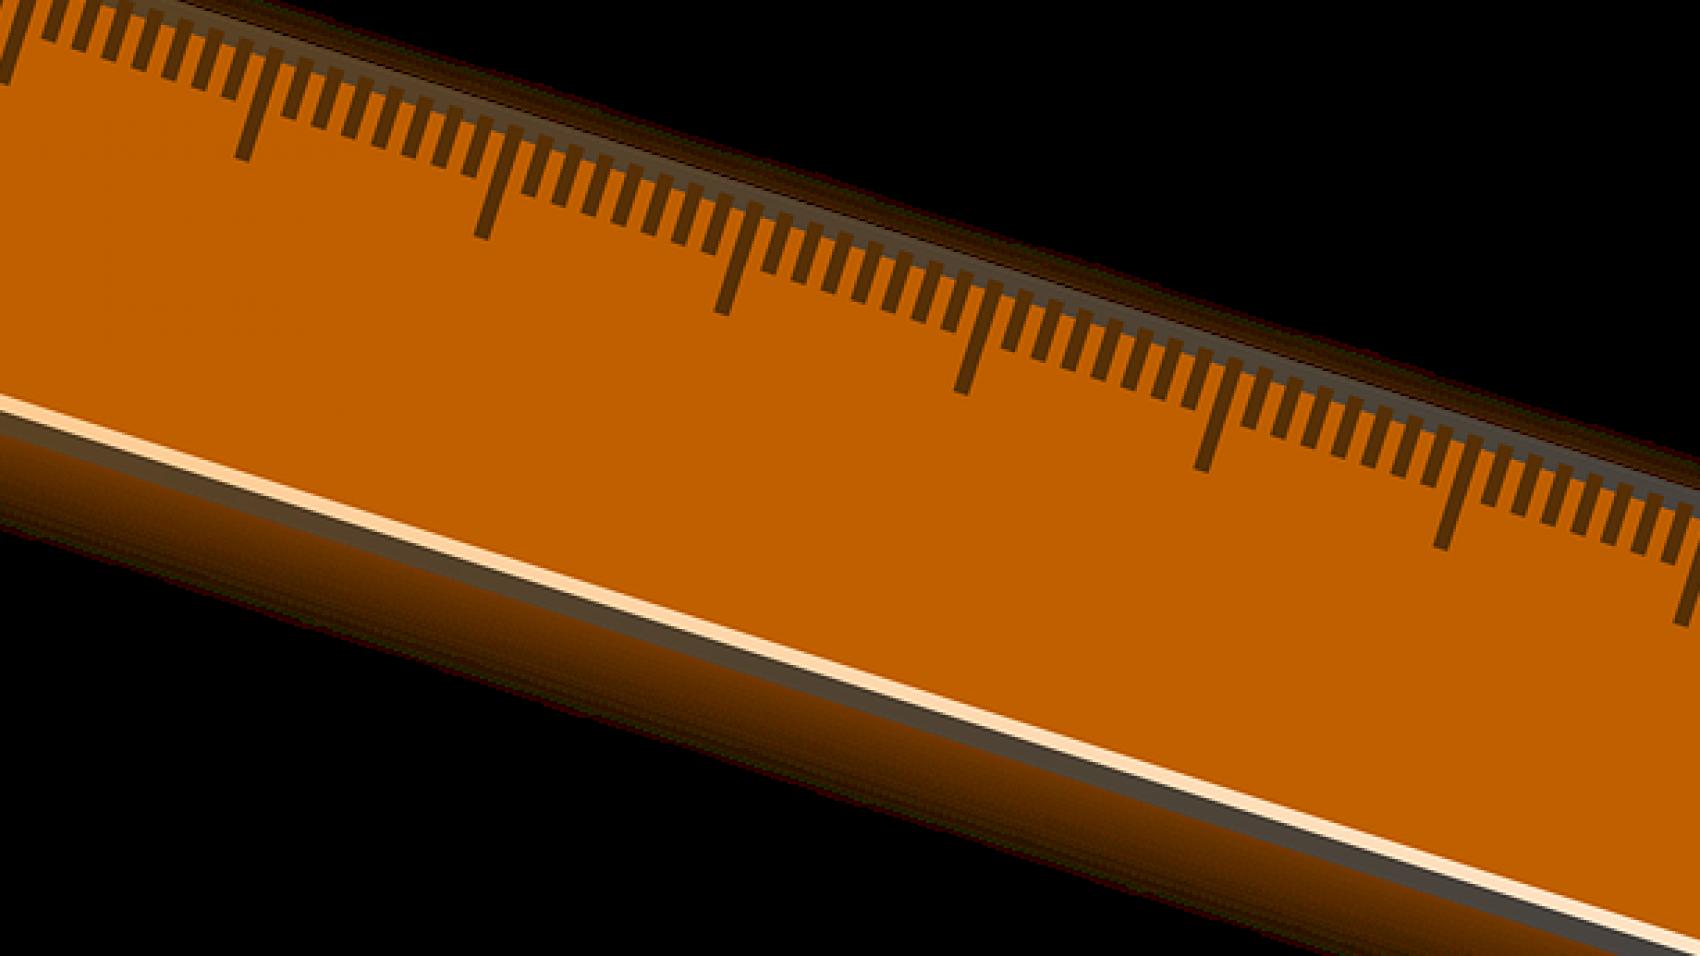 ruler-307475_960_720